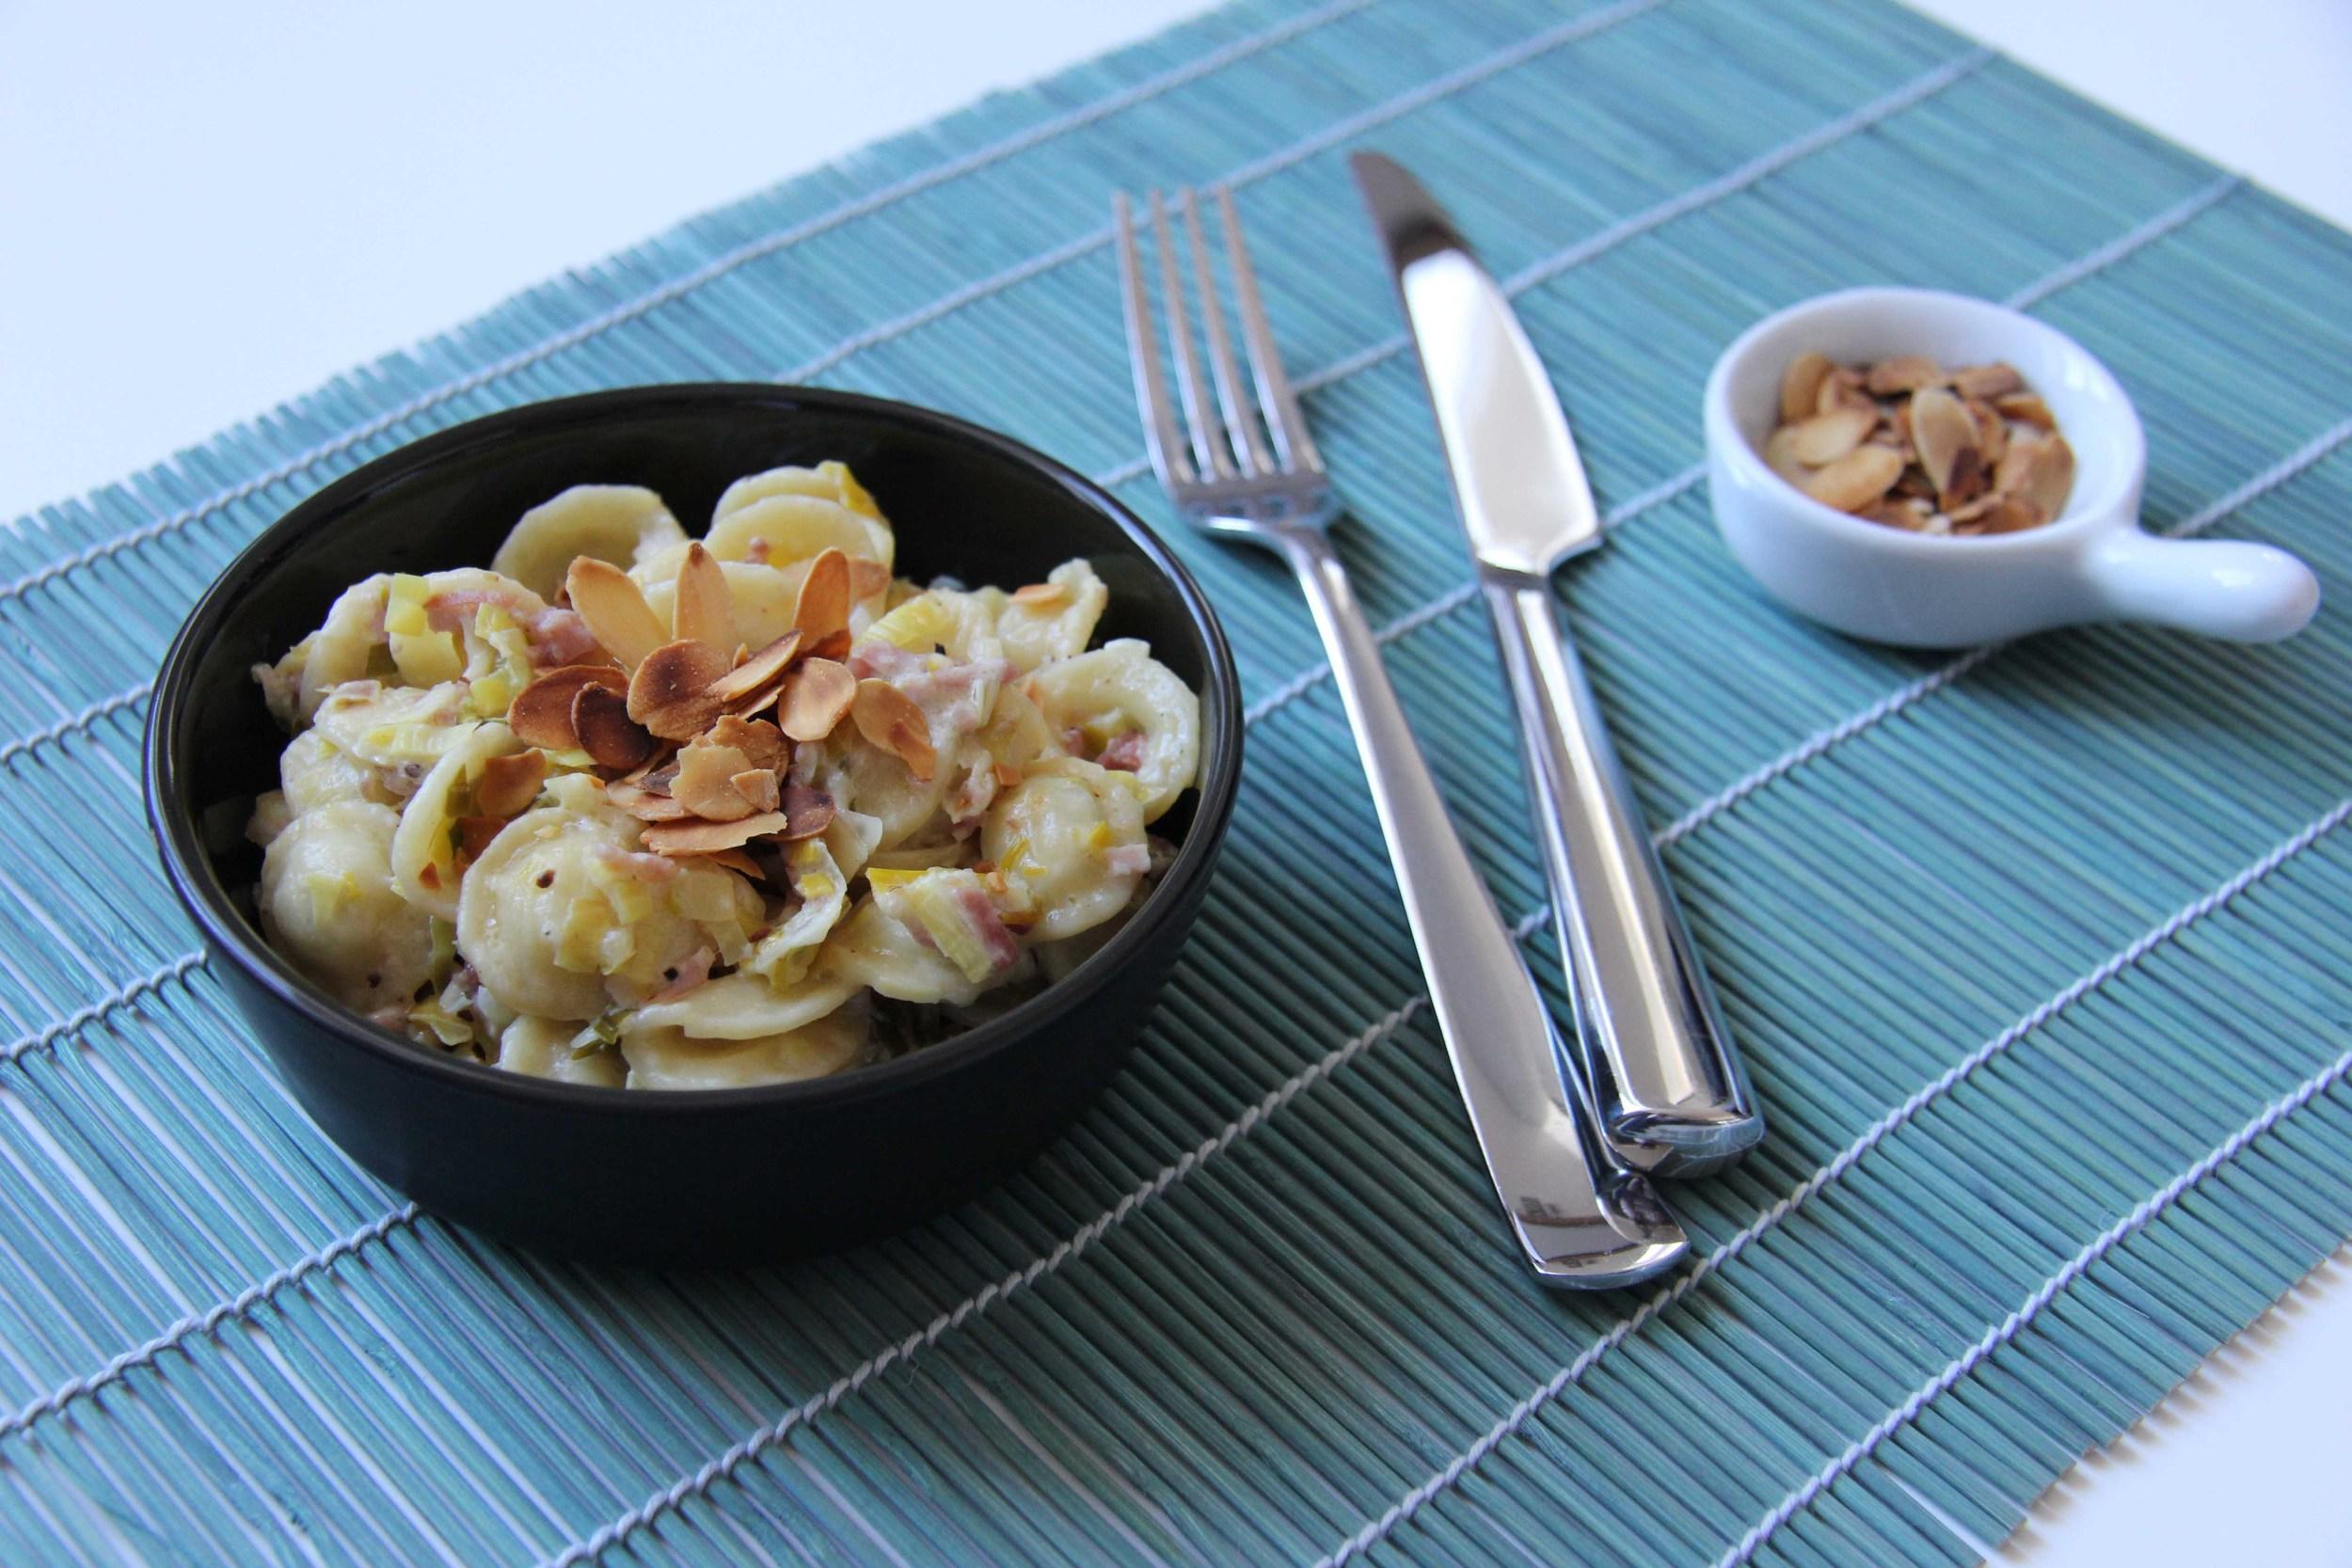 Orecchiettes fondue de poireaux jambon et amandes effilees - The Flying Flour